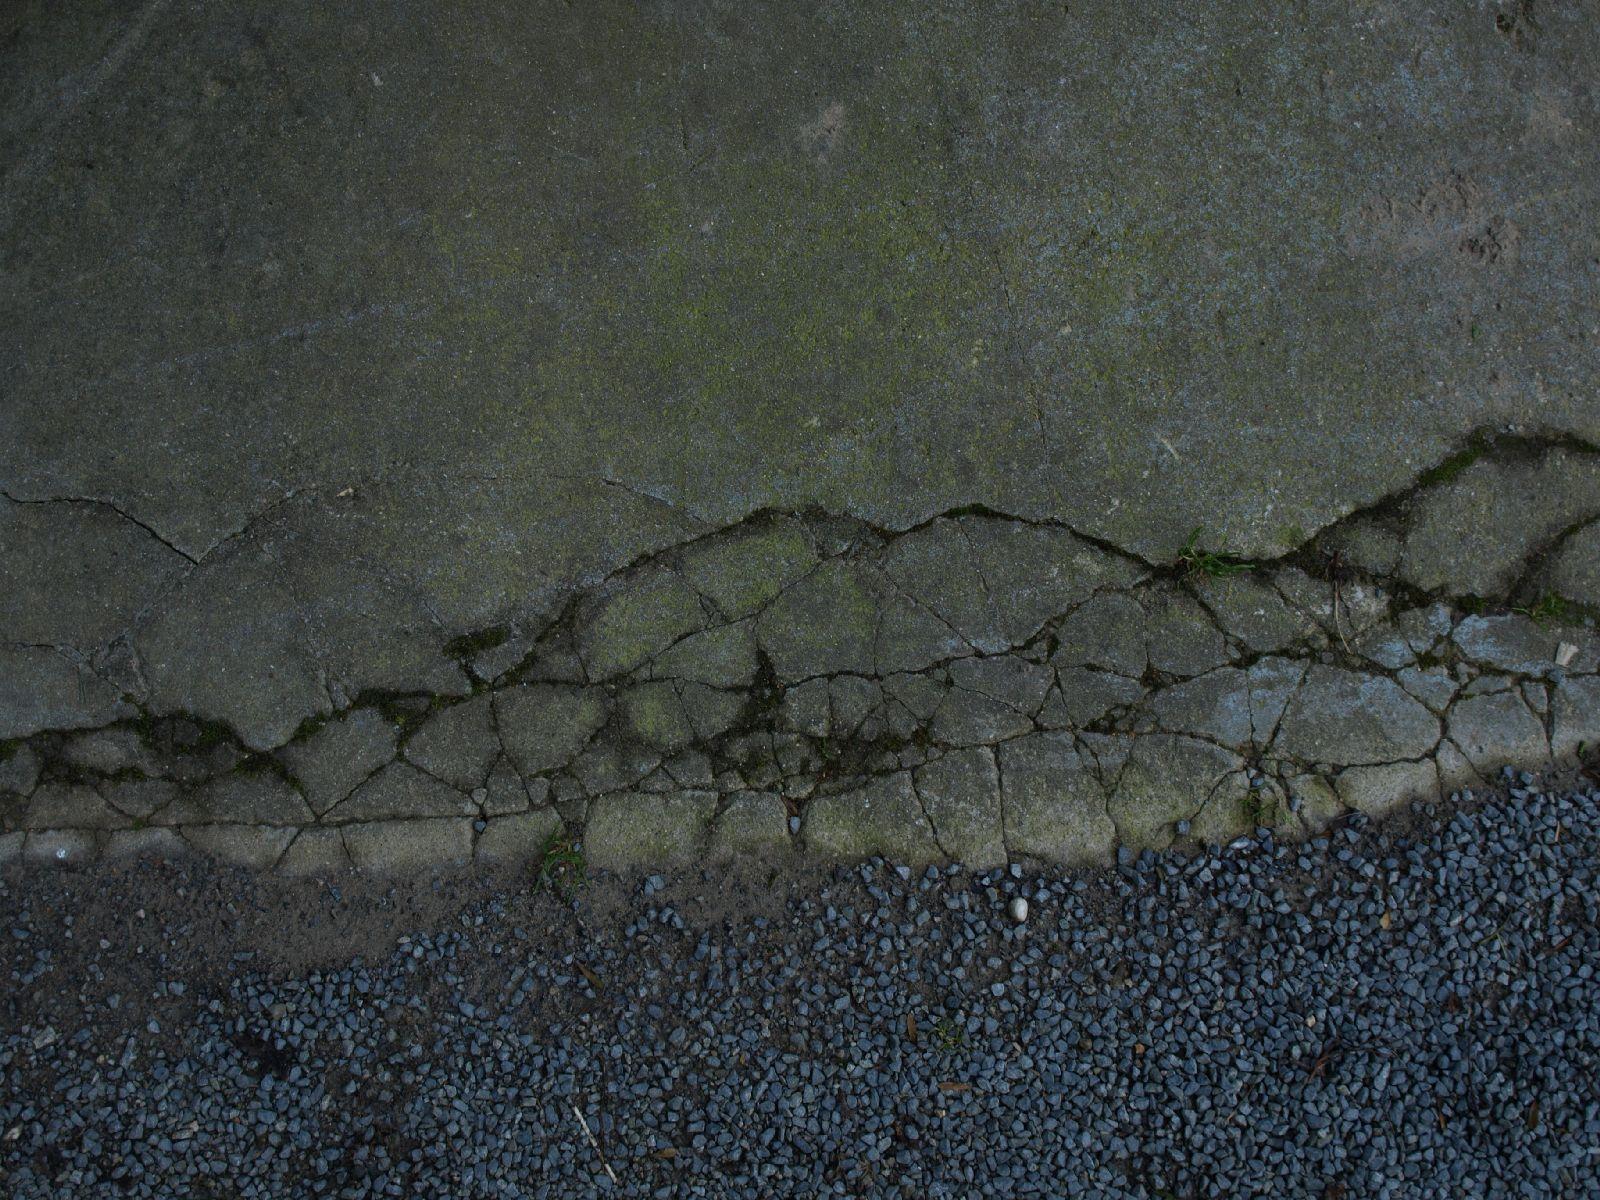 Ground-Urban_Texture_A_P8154268